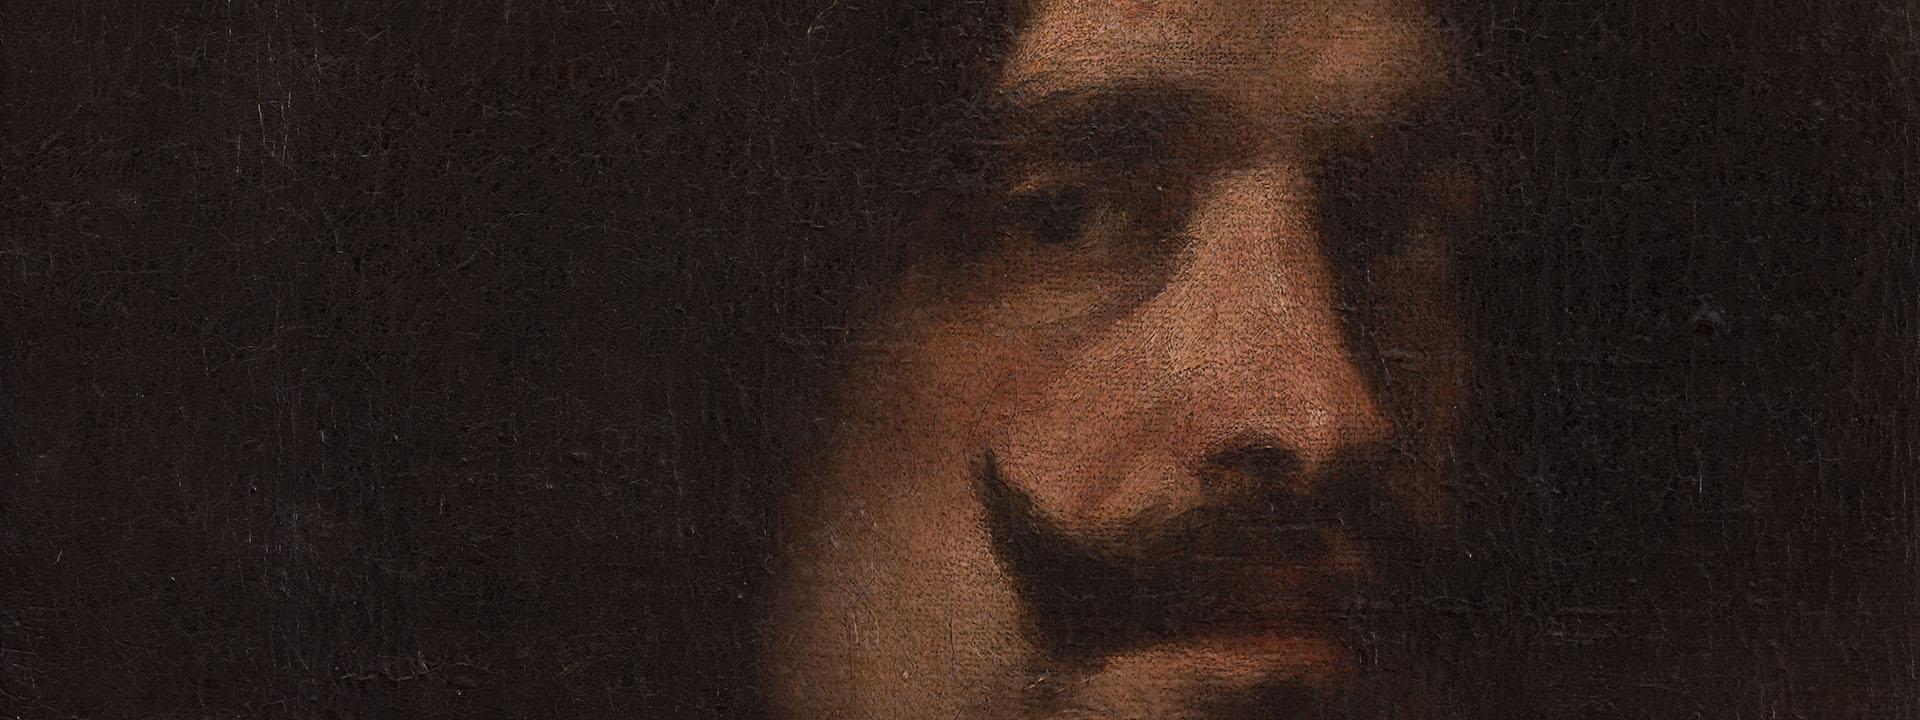 AUTORETRAT - Diego Velázquez - Museu de Belles Arts de València